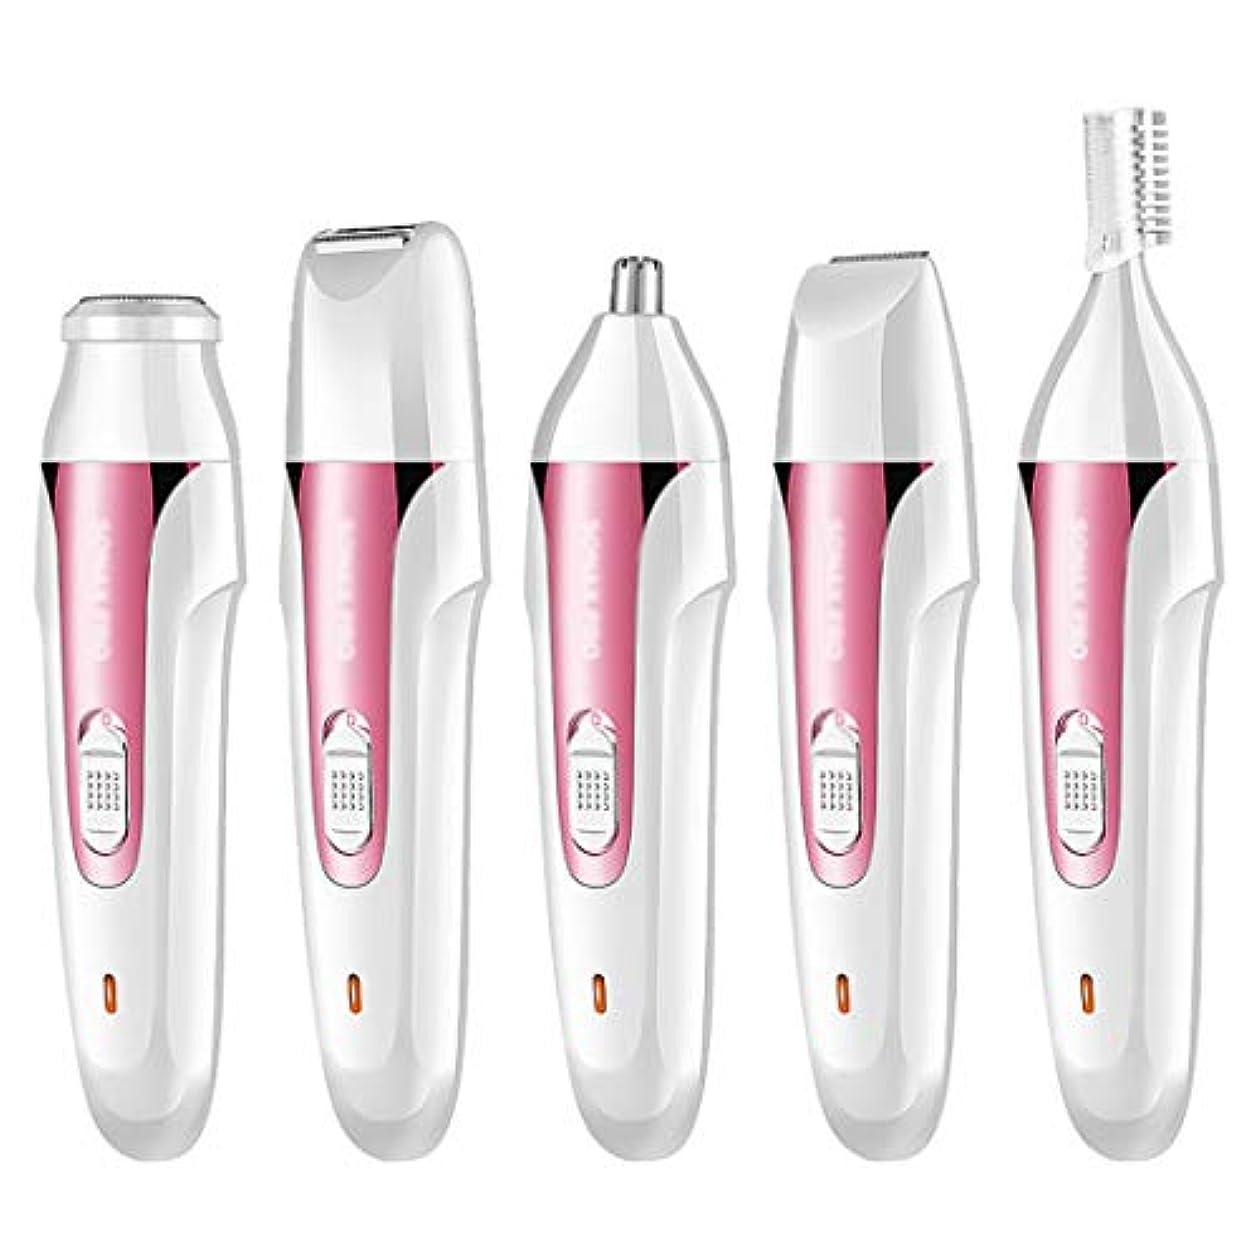 生態学ピークお気に入り多機能シェーバー充電式女性脱毛器具電気ヘアスクレーパー洗浄眉毛ナイフ,Pink